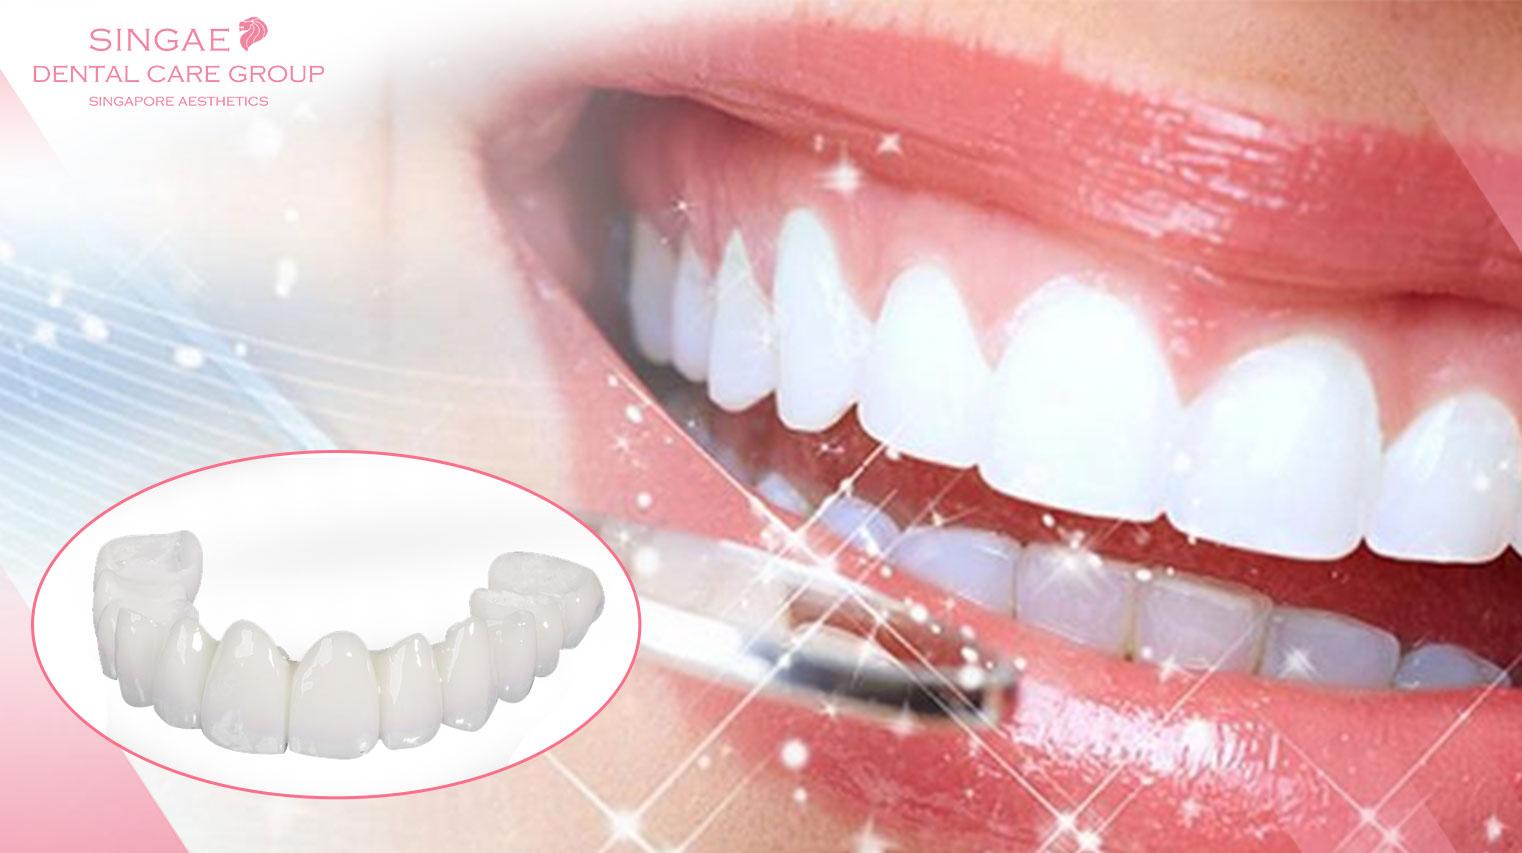 Giải đáp thắc mắc: Răng sứ Zirconia là gì? Răng sứ Zirconia có mấy loại? Bảng giá các loại răng sứ có đắt không?